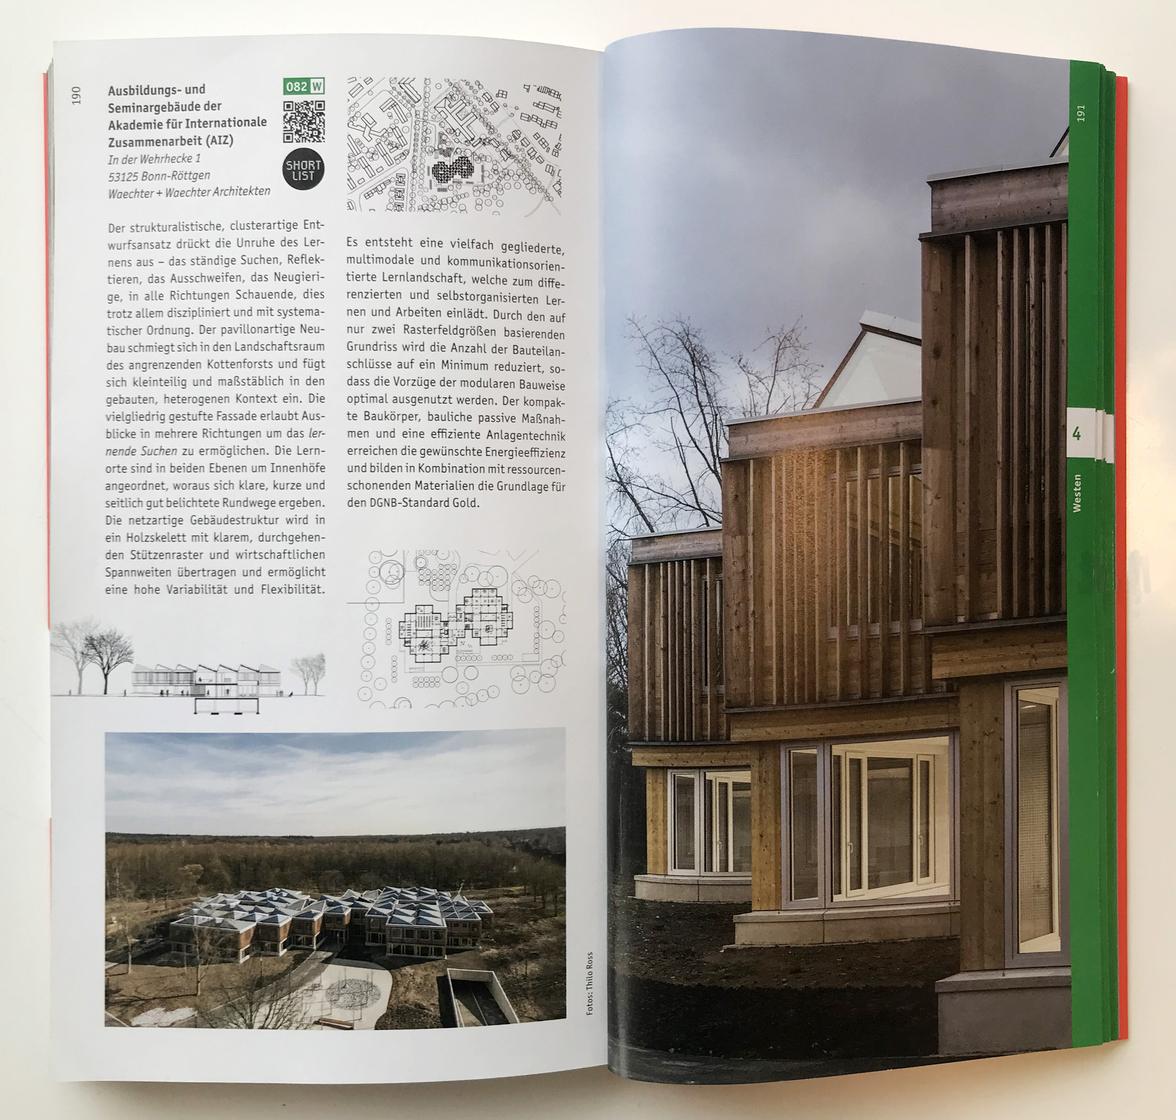 Architekturführer Deutschland 2019 - AIZ in Bonn